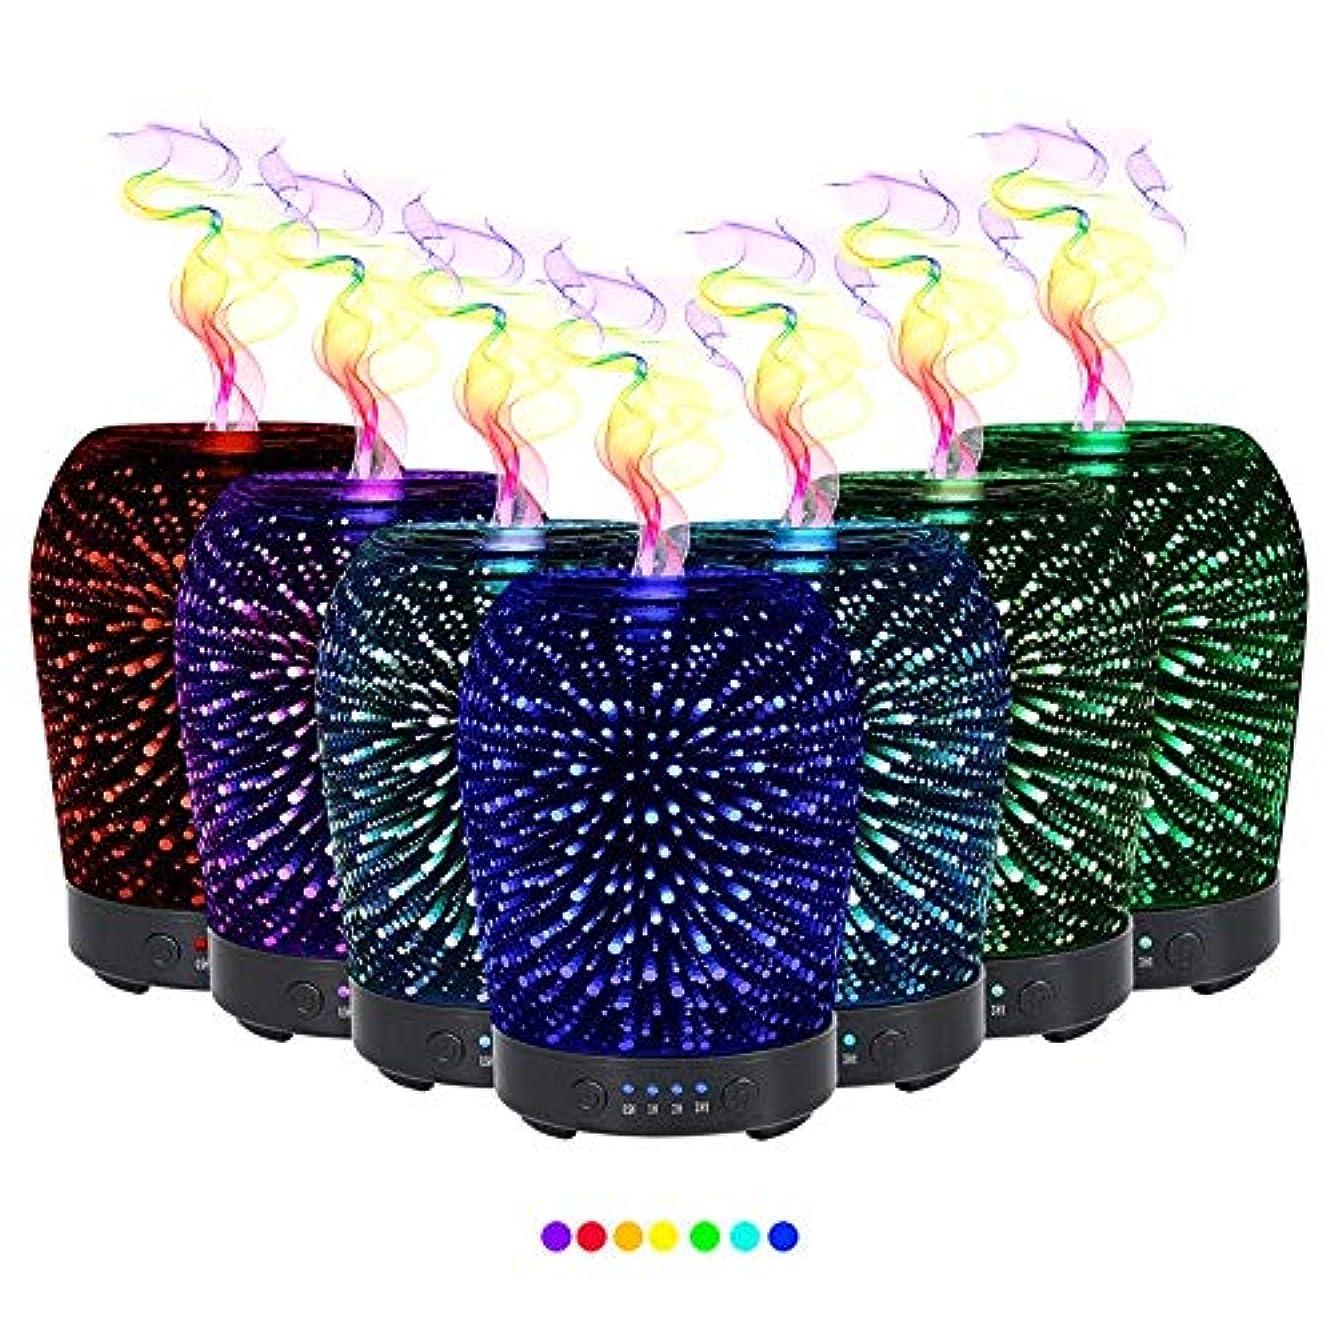 パリティ試してみる媒染剤エッセンシャルオイル用ディフューザー (100ml)-クリエイティブガラスゴージャスな花火アロマ加湿器7色変更 LED ライト & 4 タイマー設定、水なしオートシャットオフ